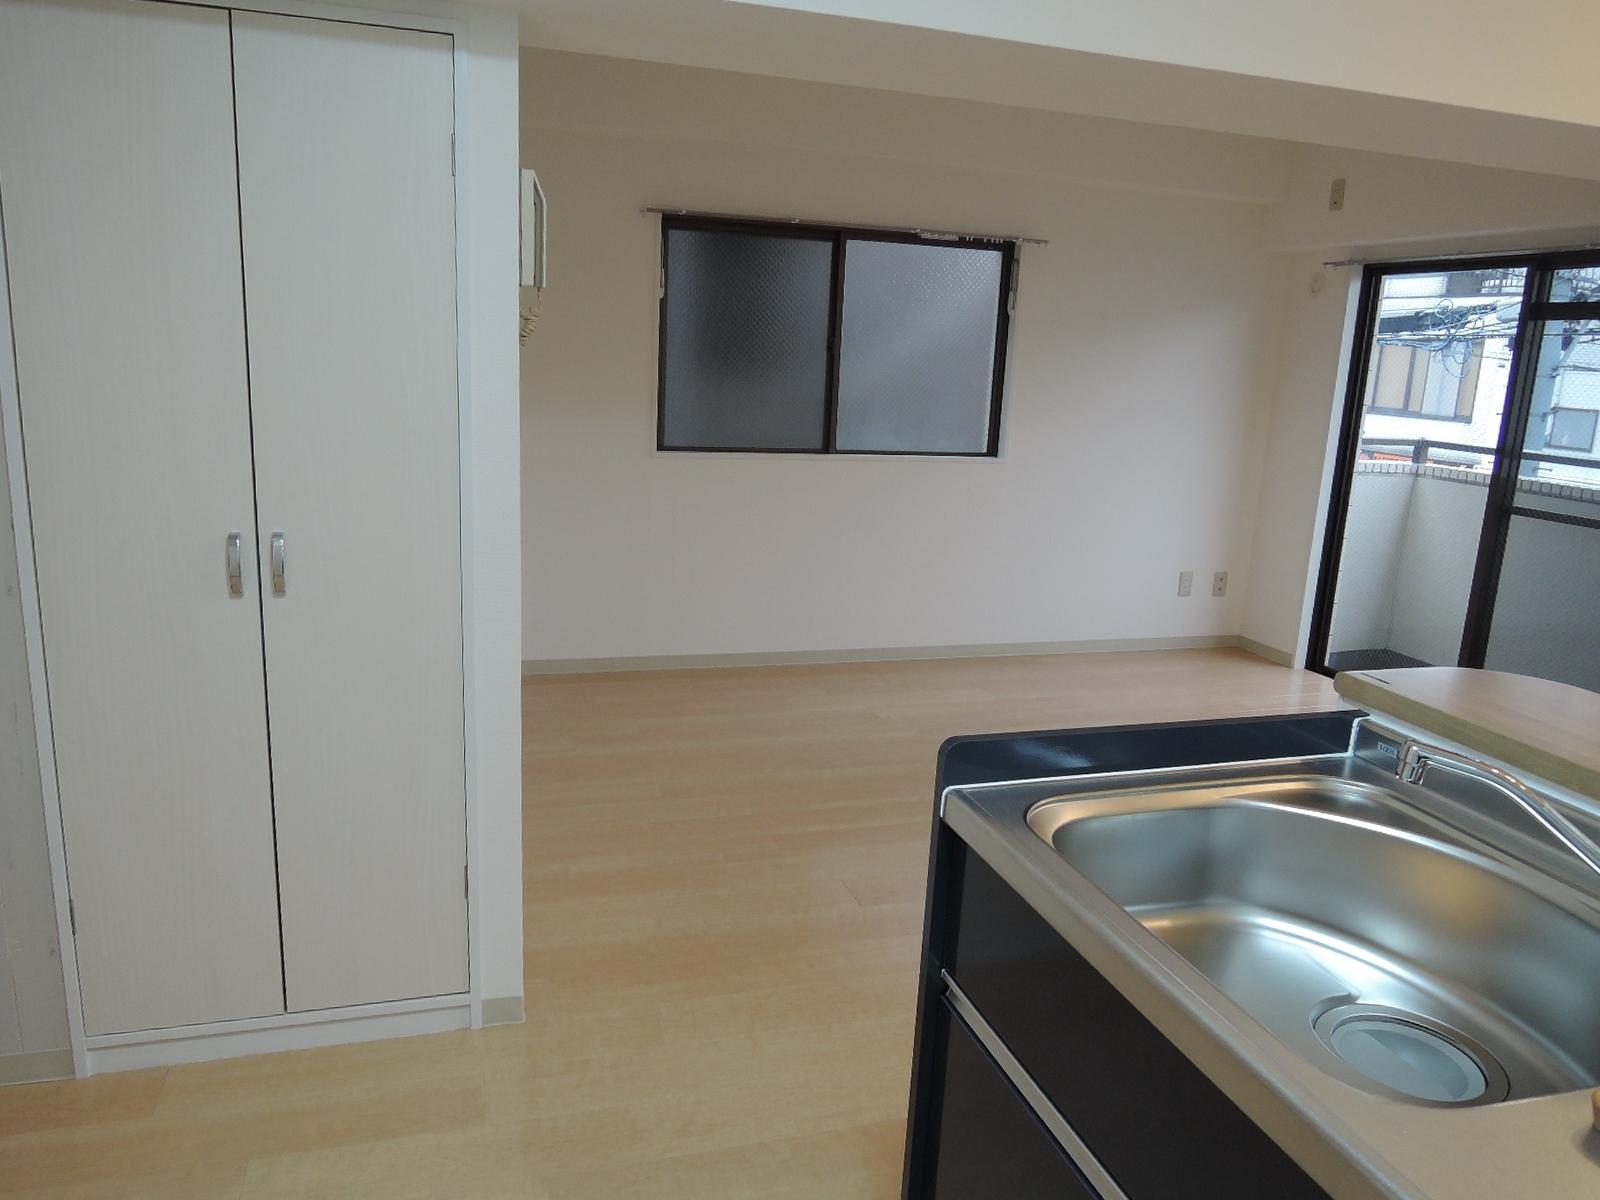 キッチンスペースそばに、上下に分かれた扉付きの物入れ